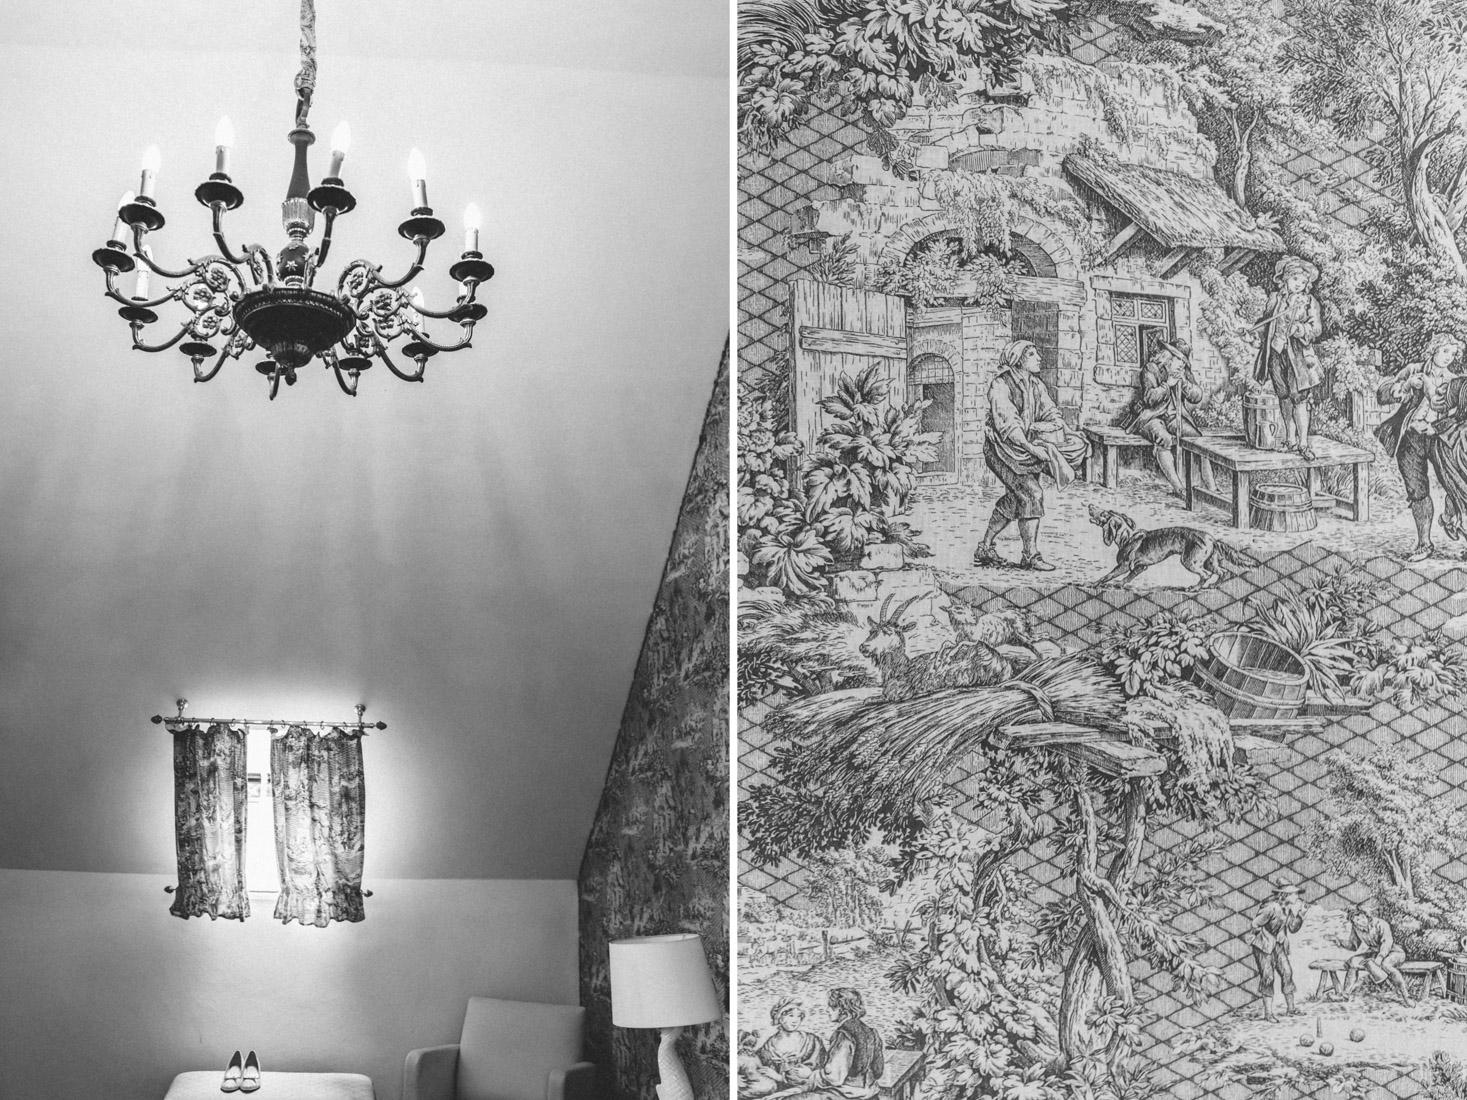 pastel-vintage-hertefeld-2 hochzeitsfotograf schloss hertefeldGalina & Robert DIY Pastel Vintage Hochzeit auf Schloss Hertefeldpastel vintage hertefeld 2